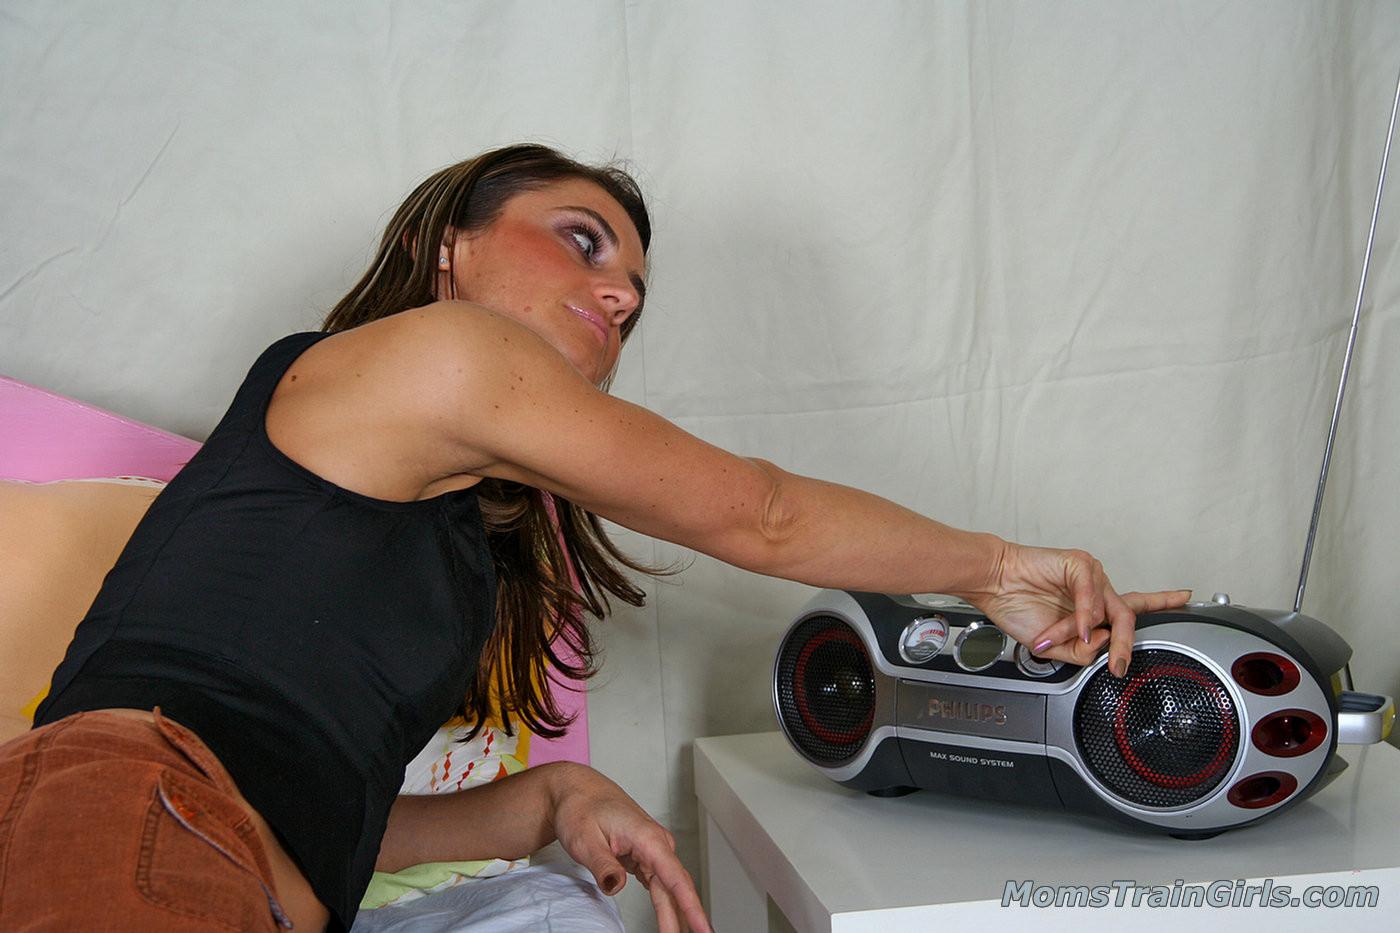 Девушки решают устроить оргию друг с другом, применяя различные игрушки из секс-шопа